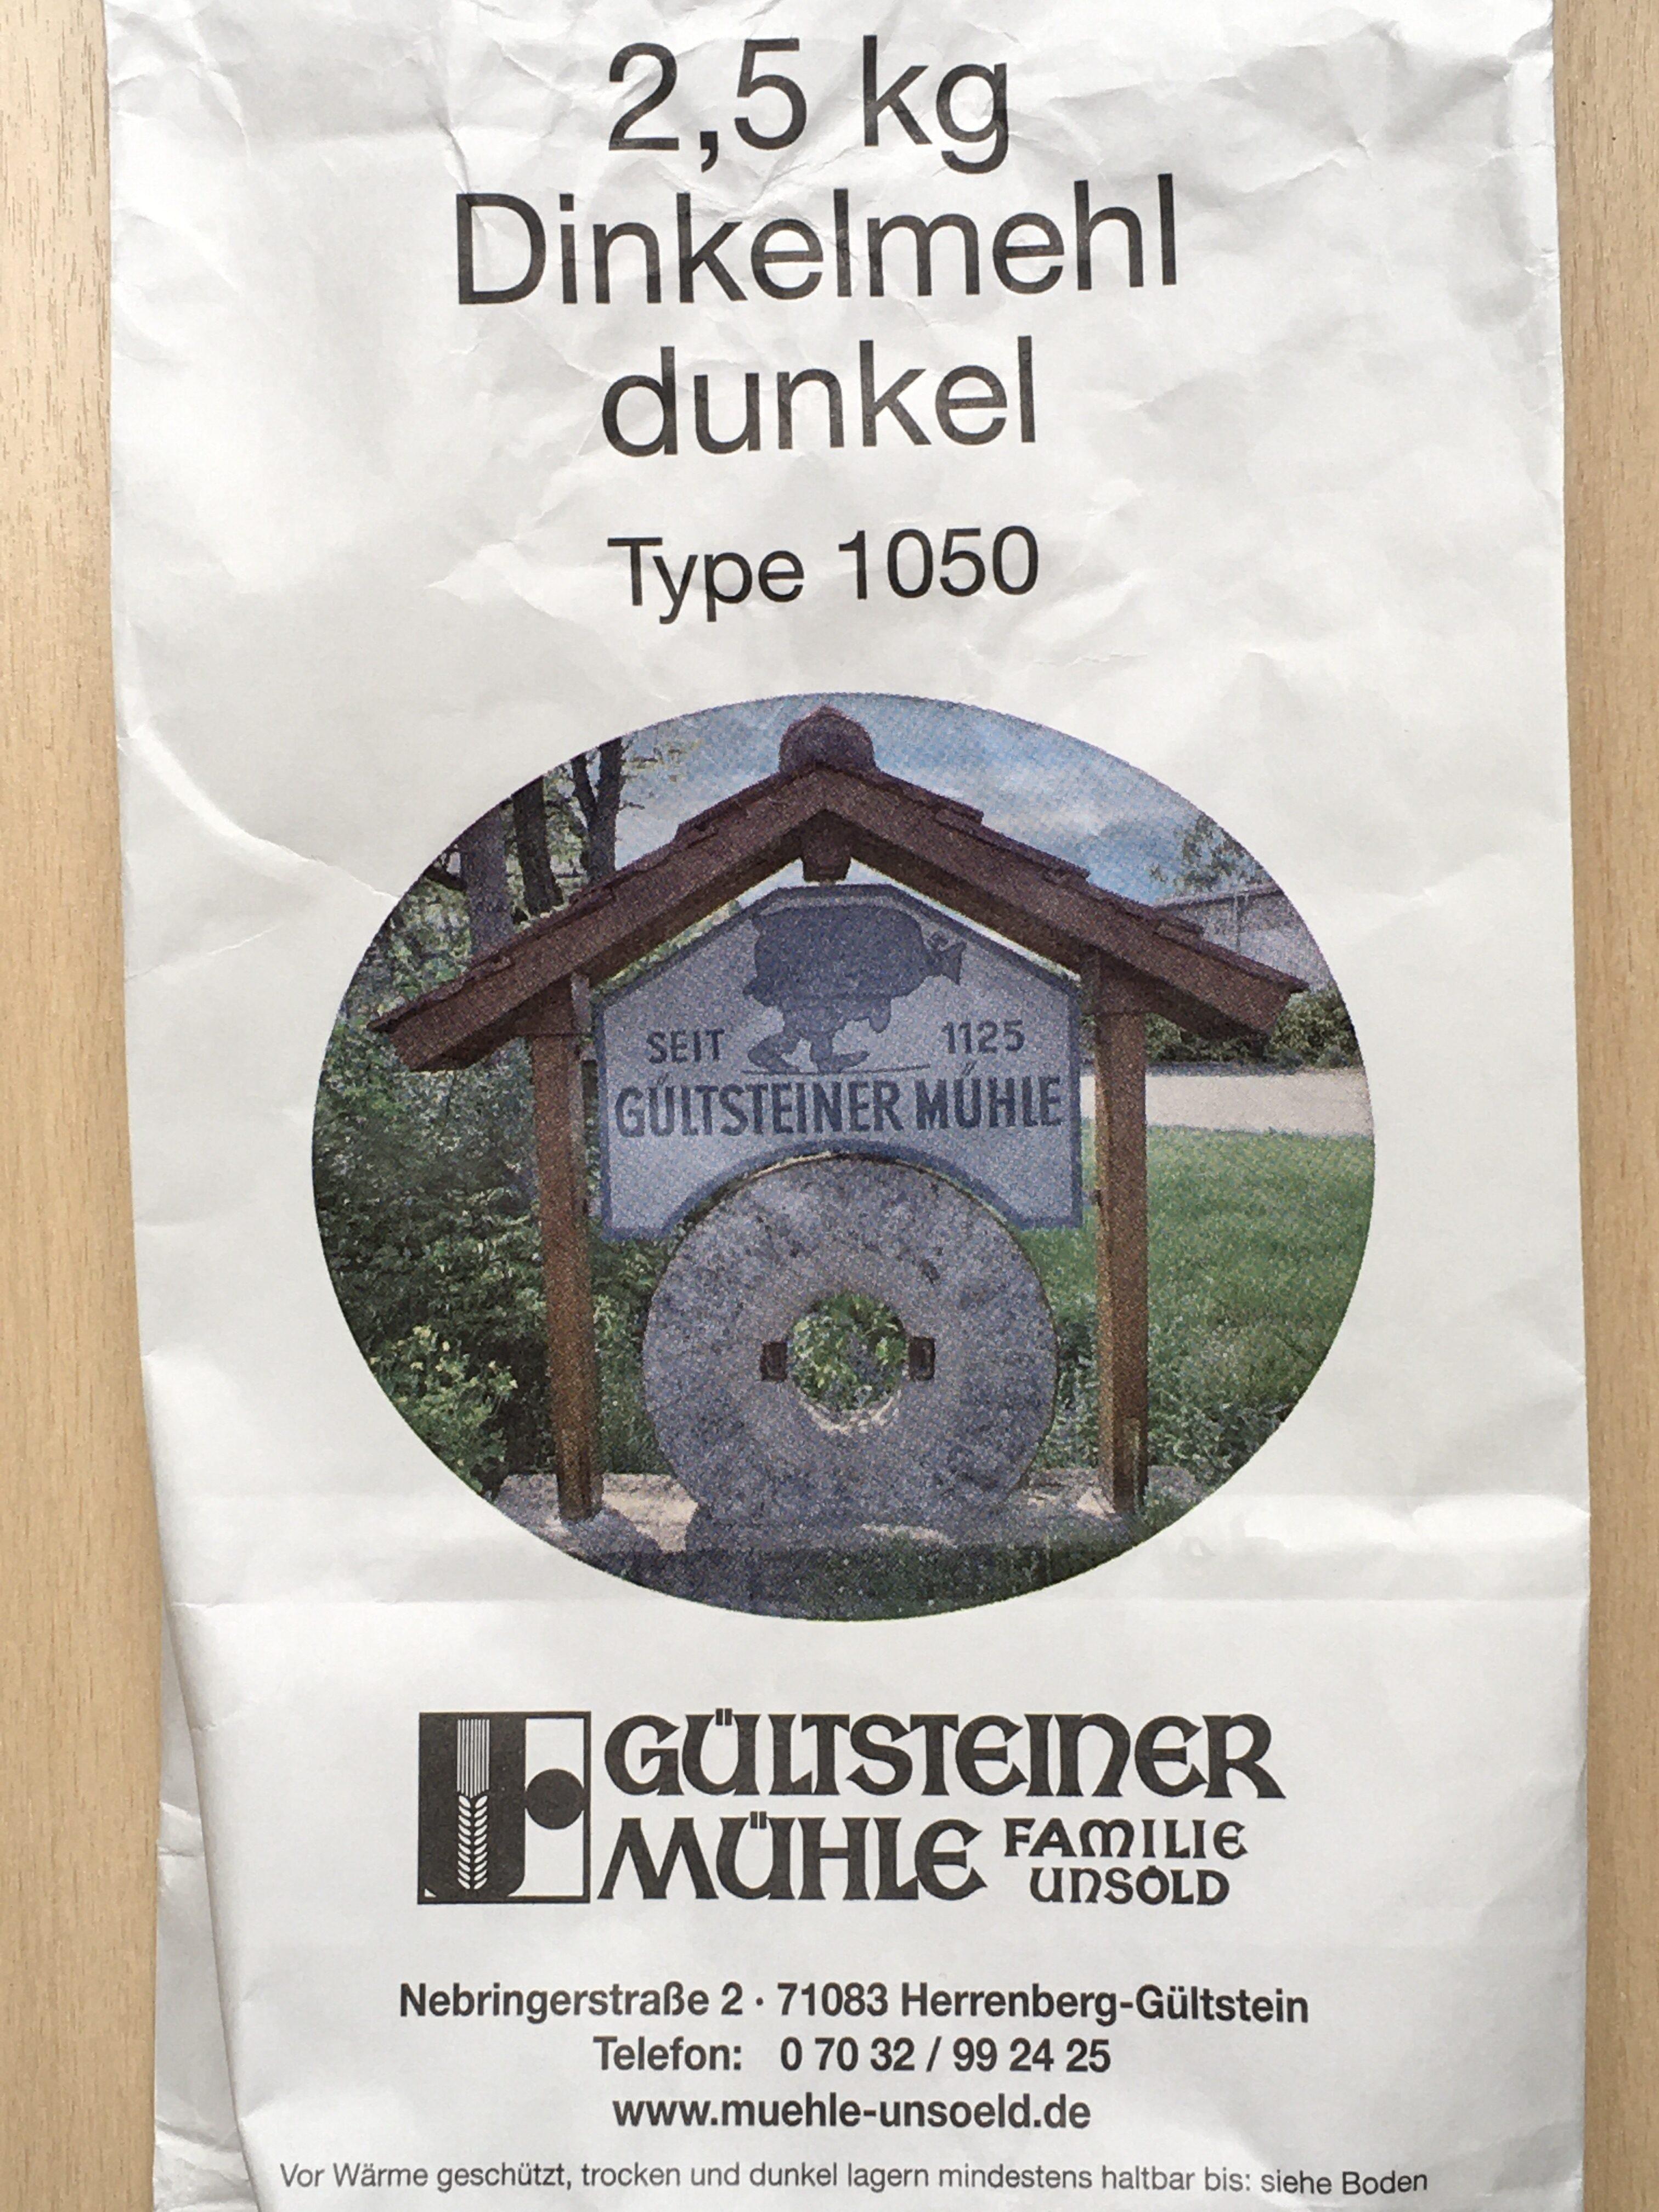 Dinkelmehl dunkel Type 1050 - Produkt - de